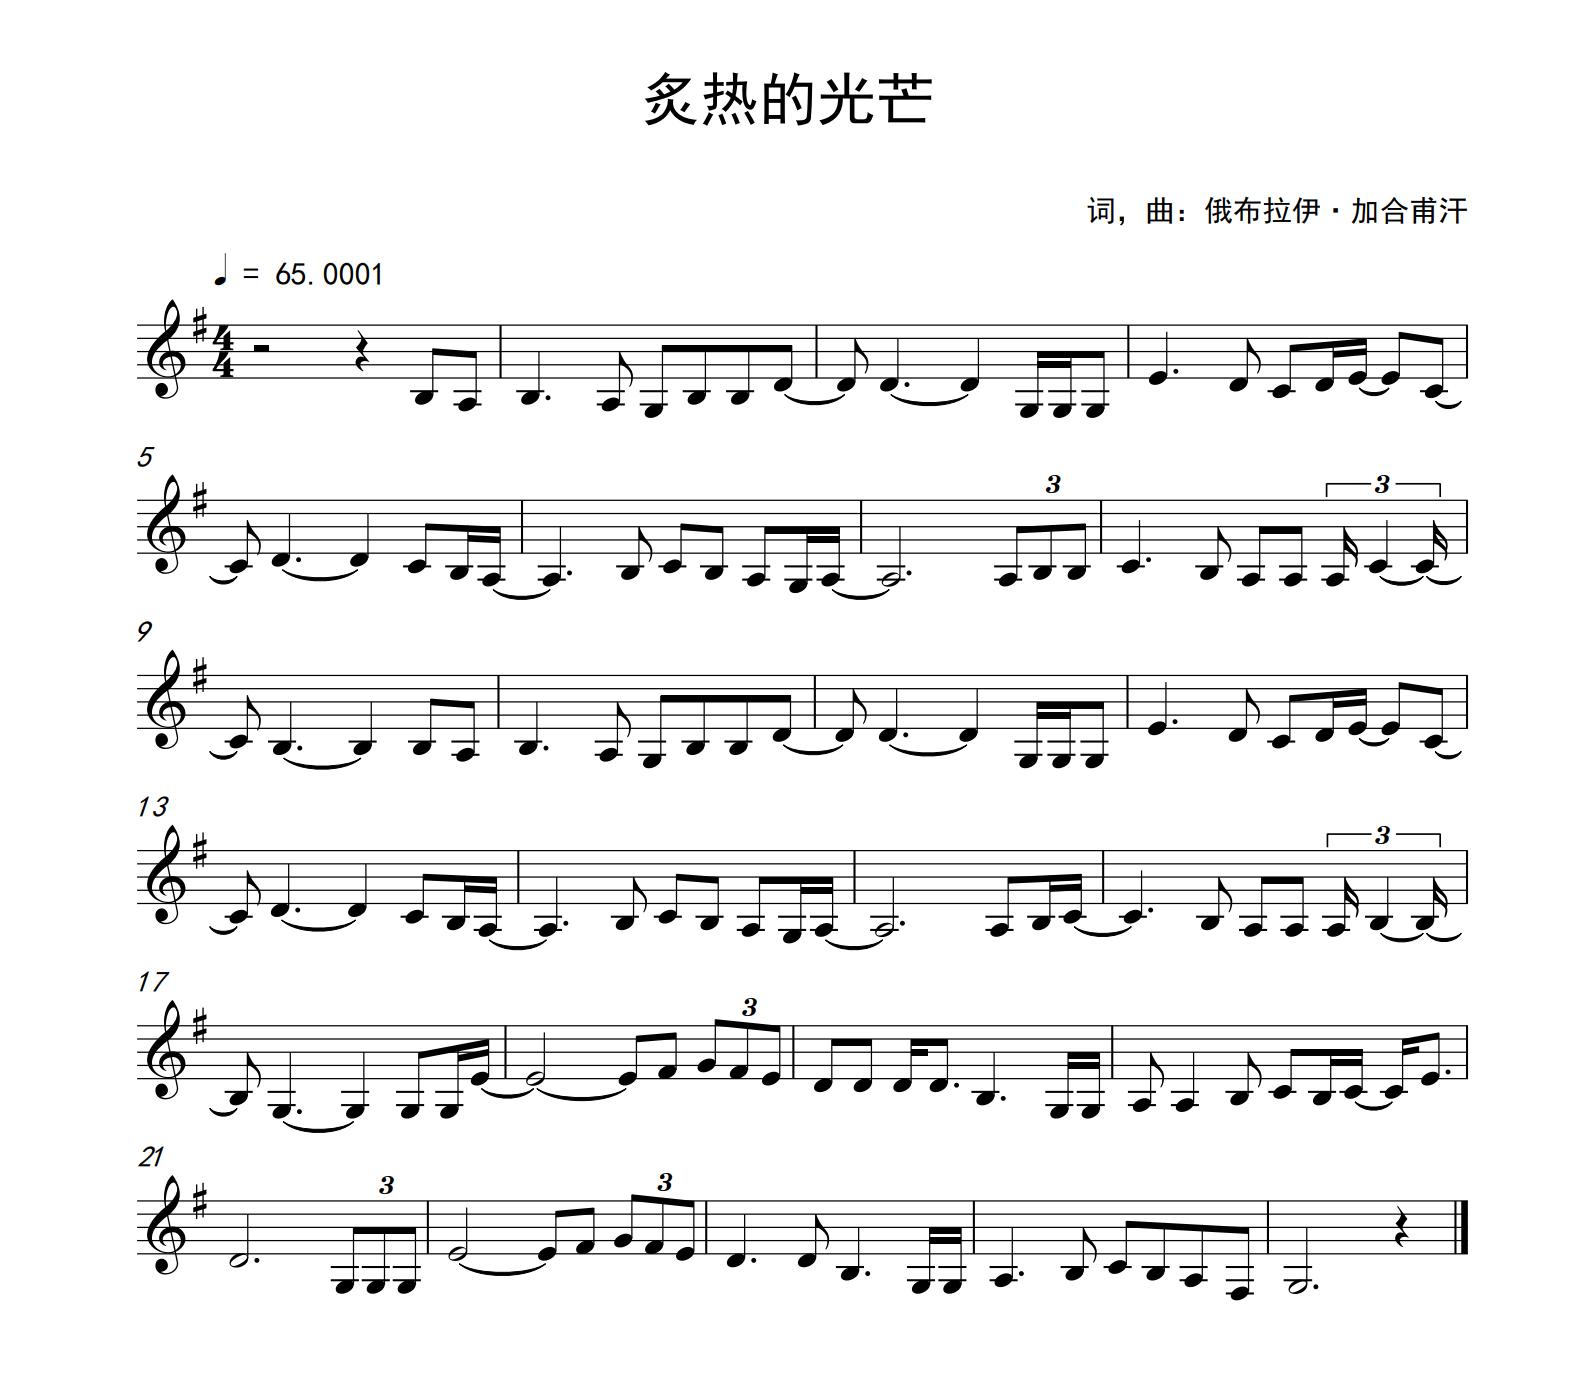 【新疆好网民 传递正能量】歌曲《炙热的光芒》